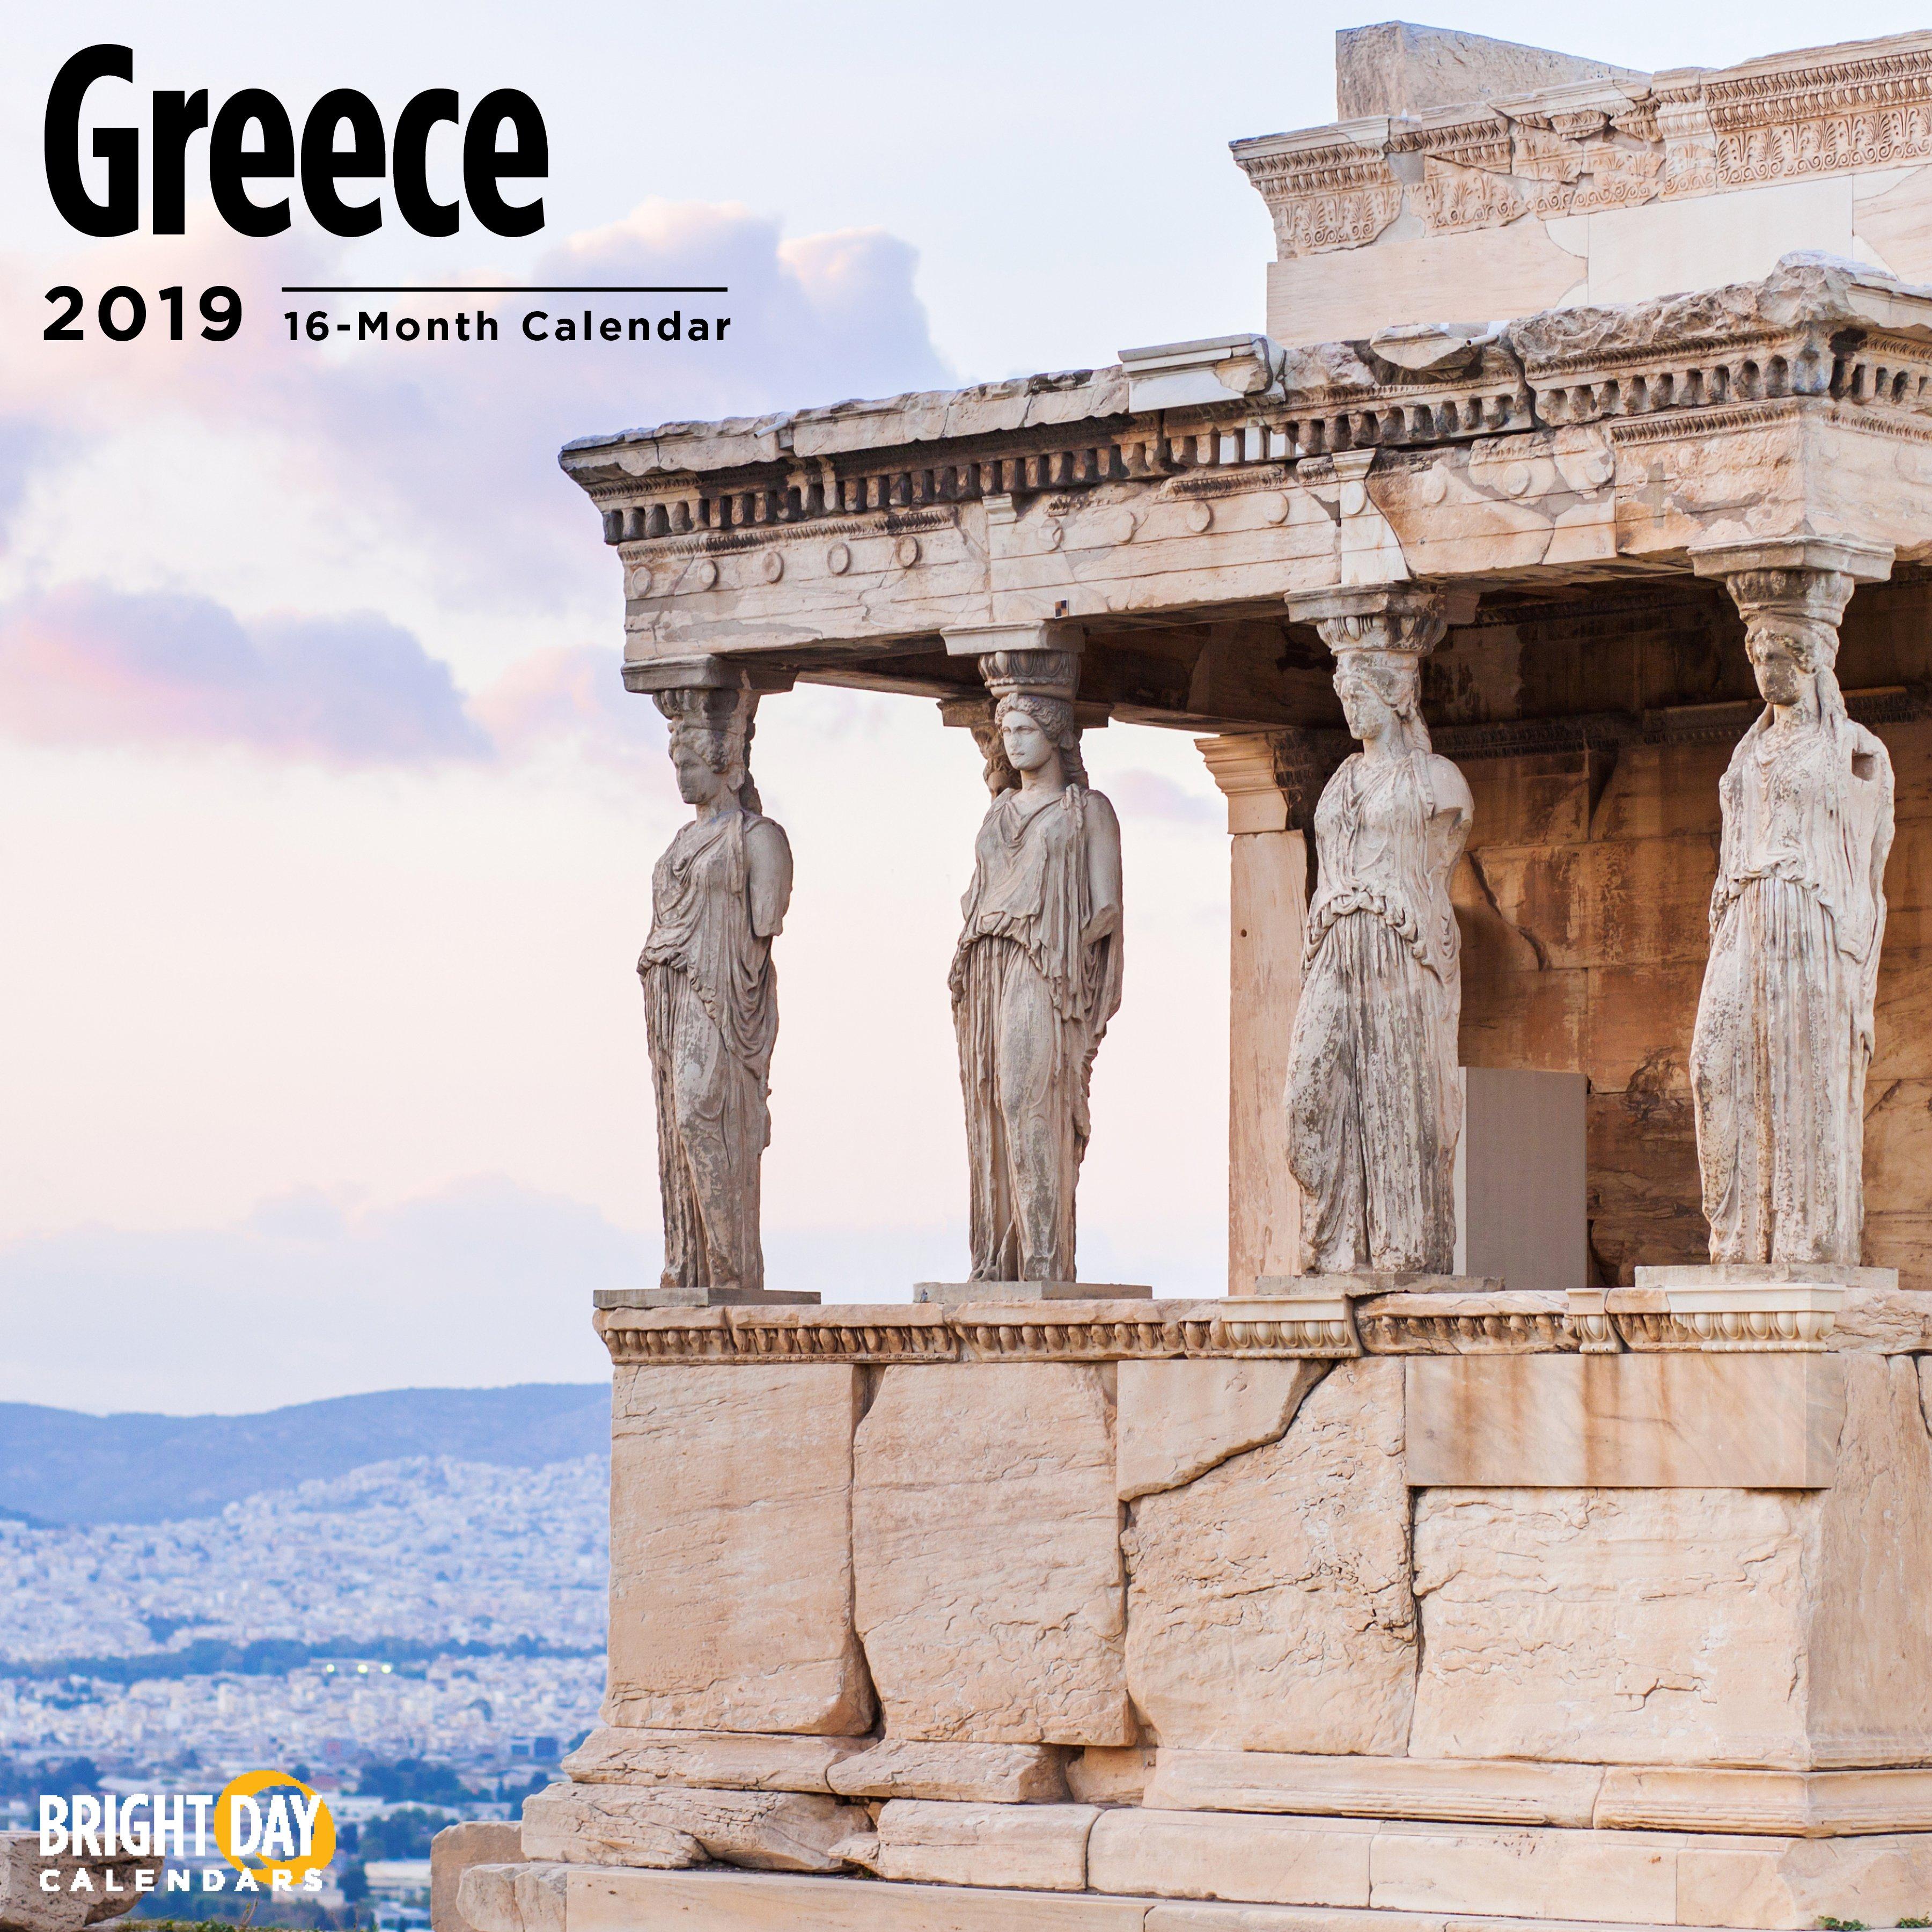 Greece 2019 Wall Calendar - Walmart Calendar 2019 Greece